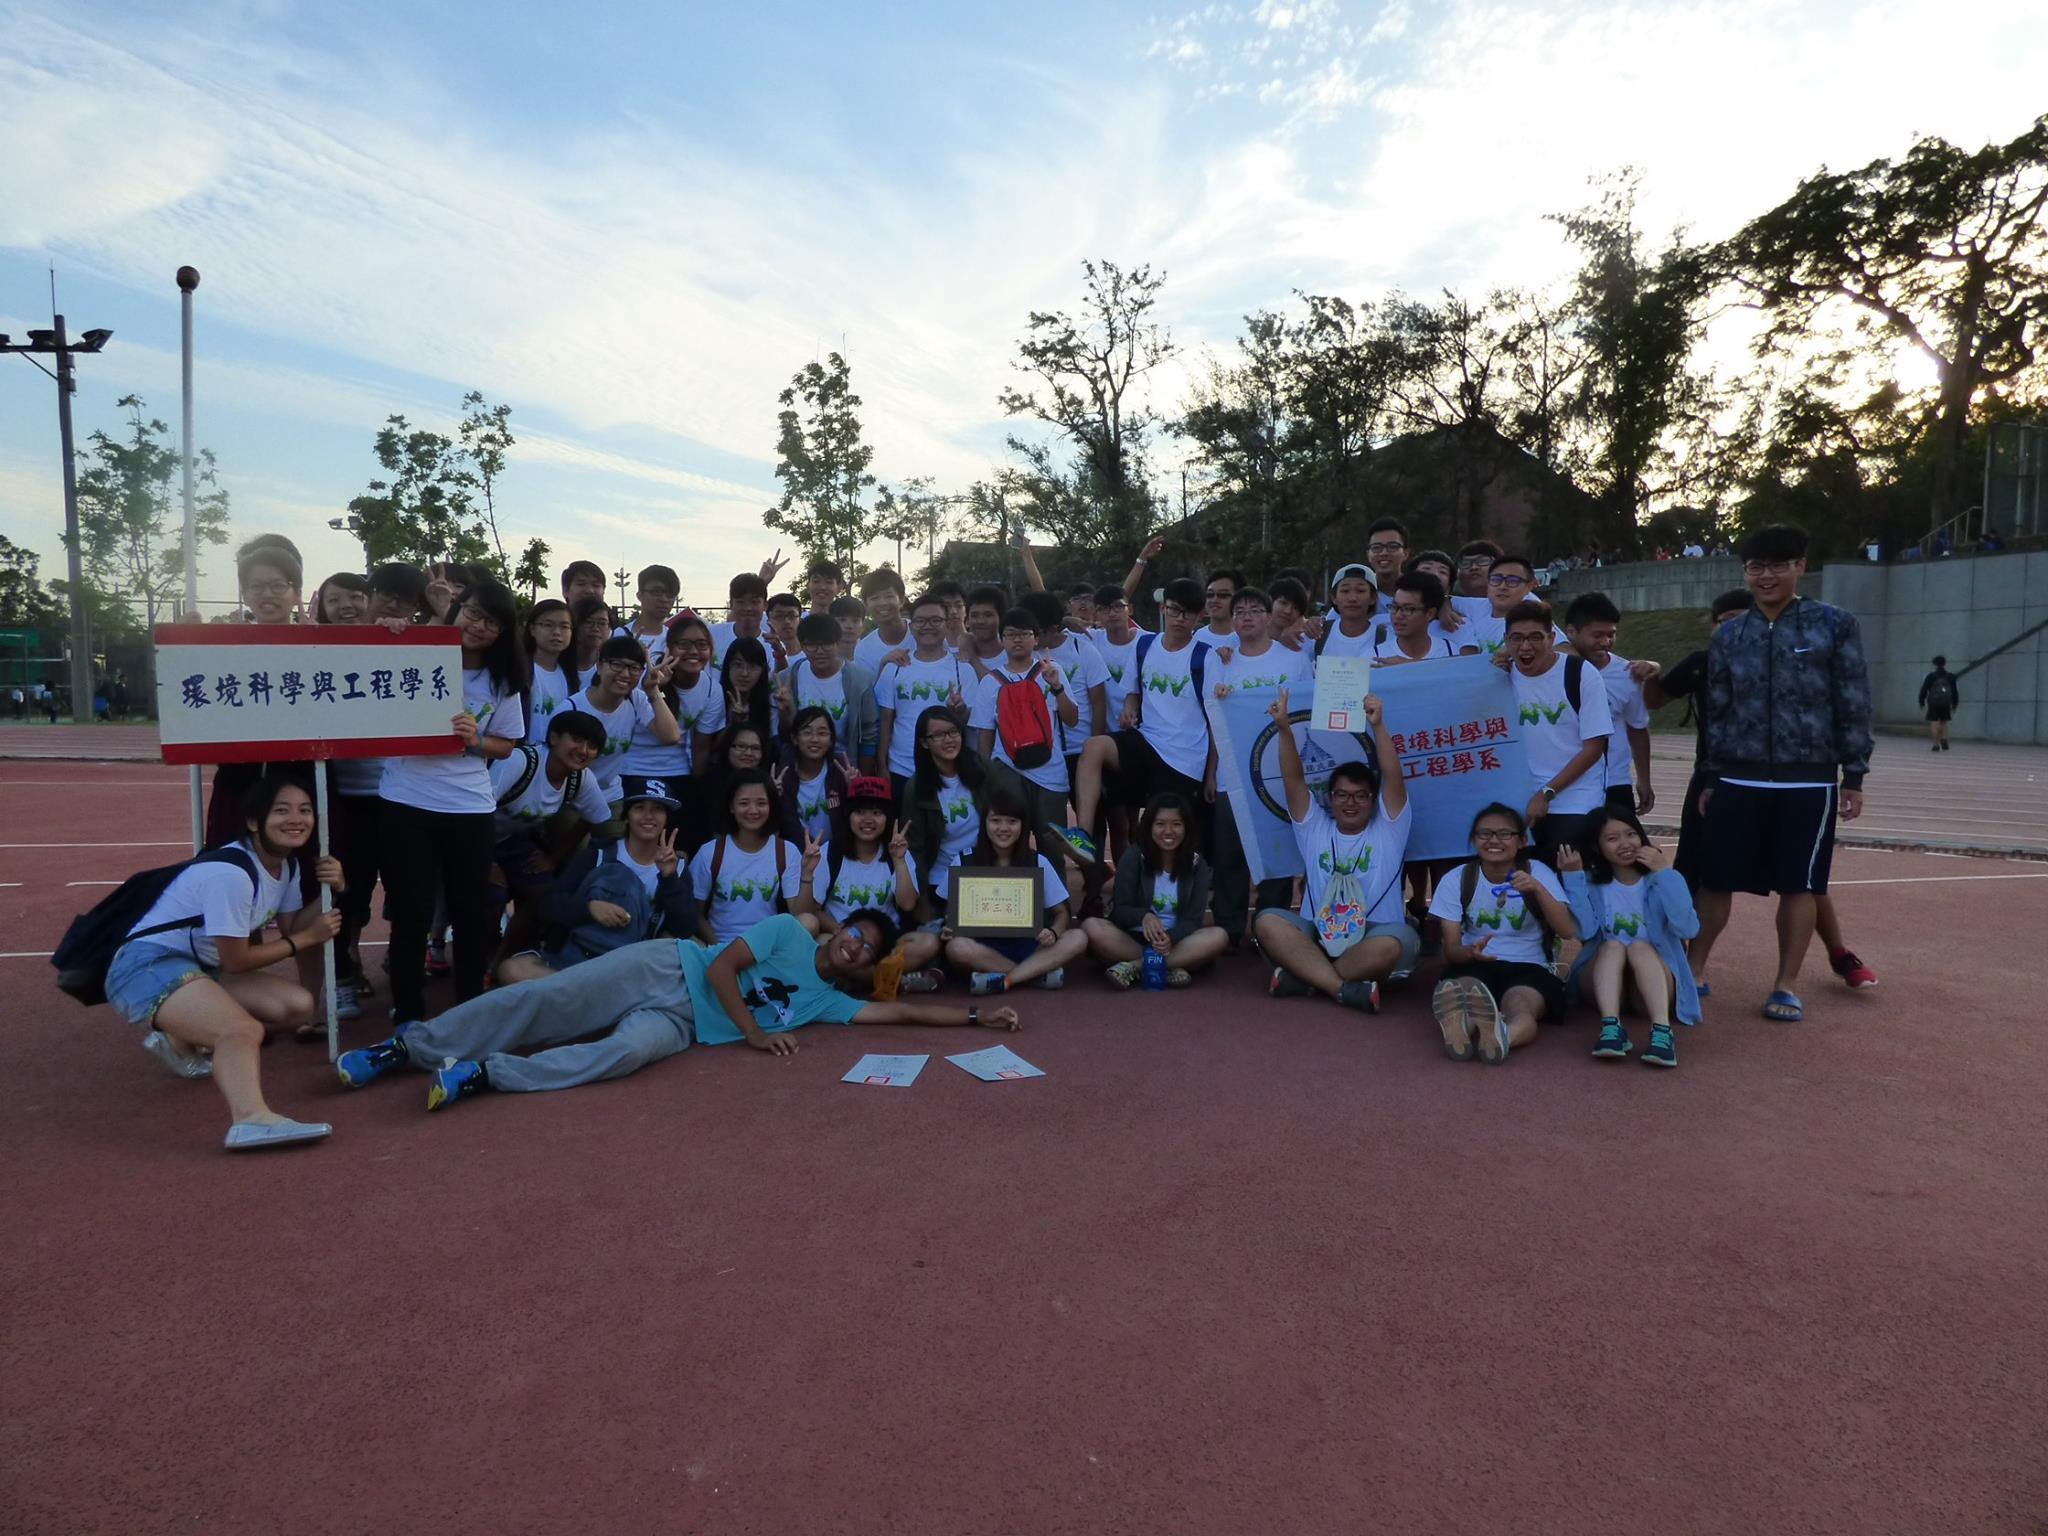 104學年度校慶運動會